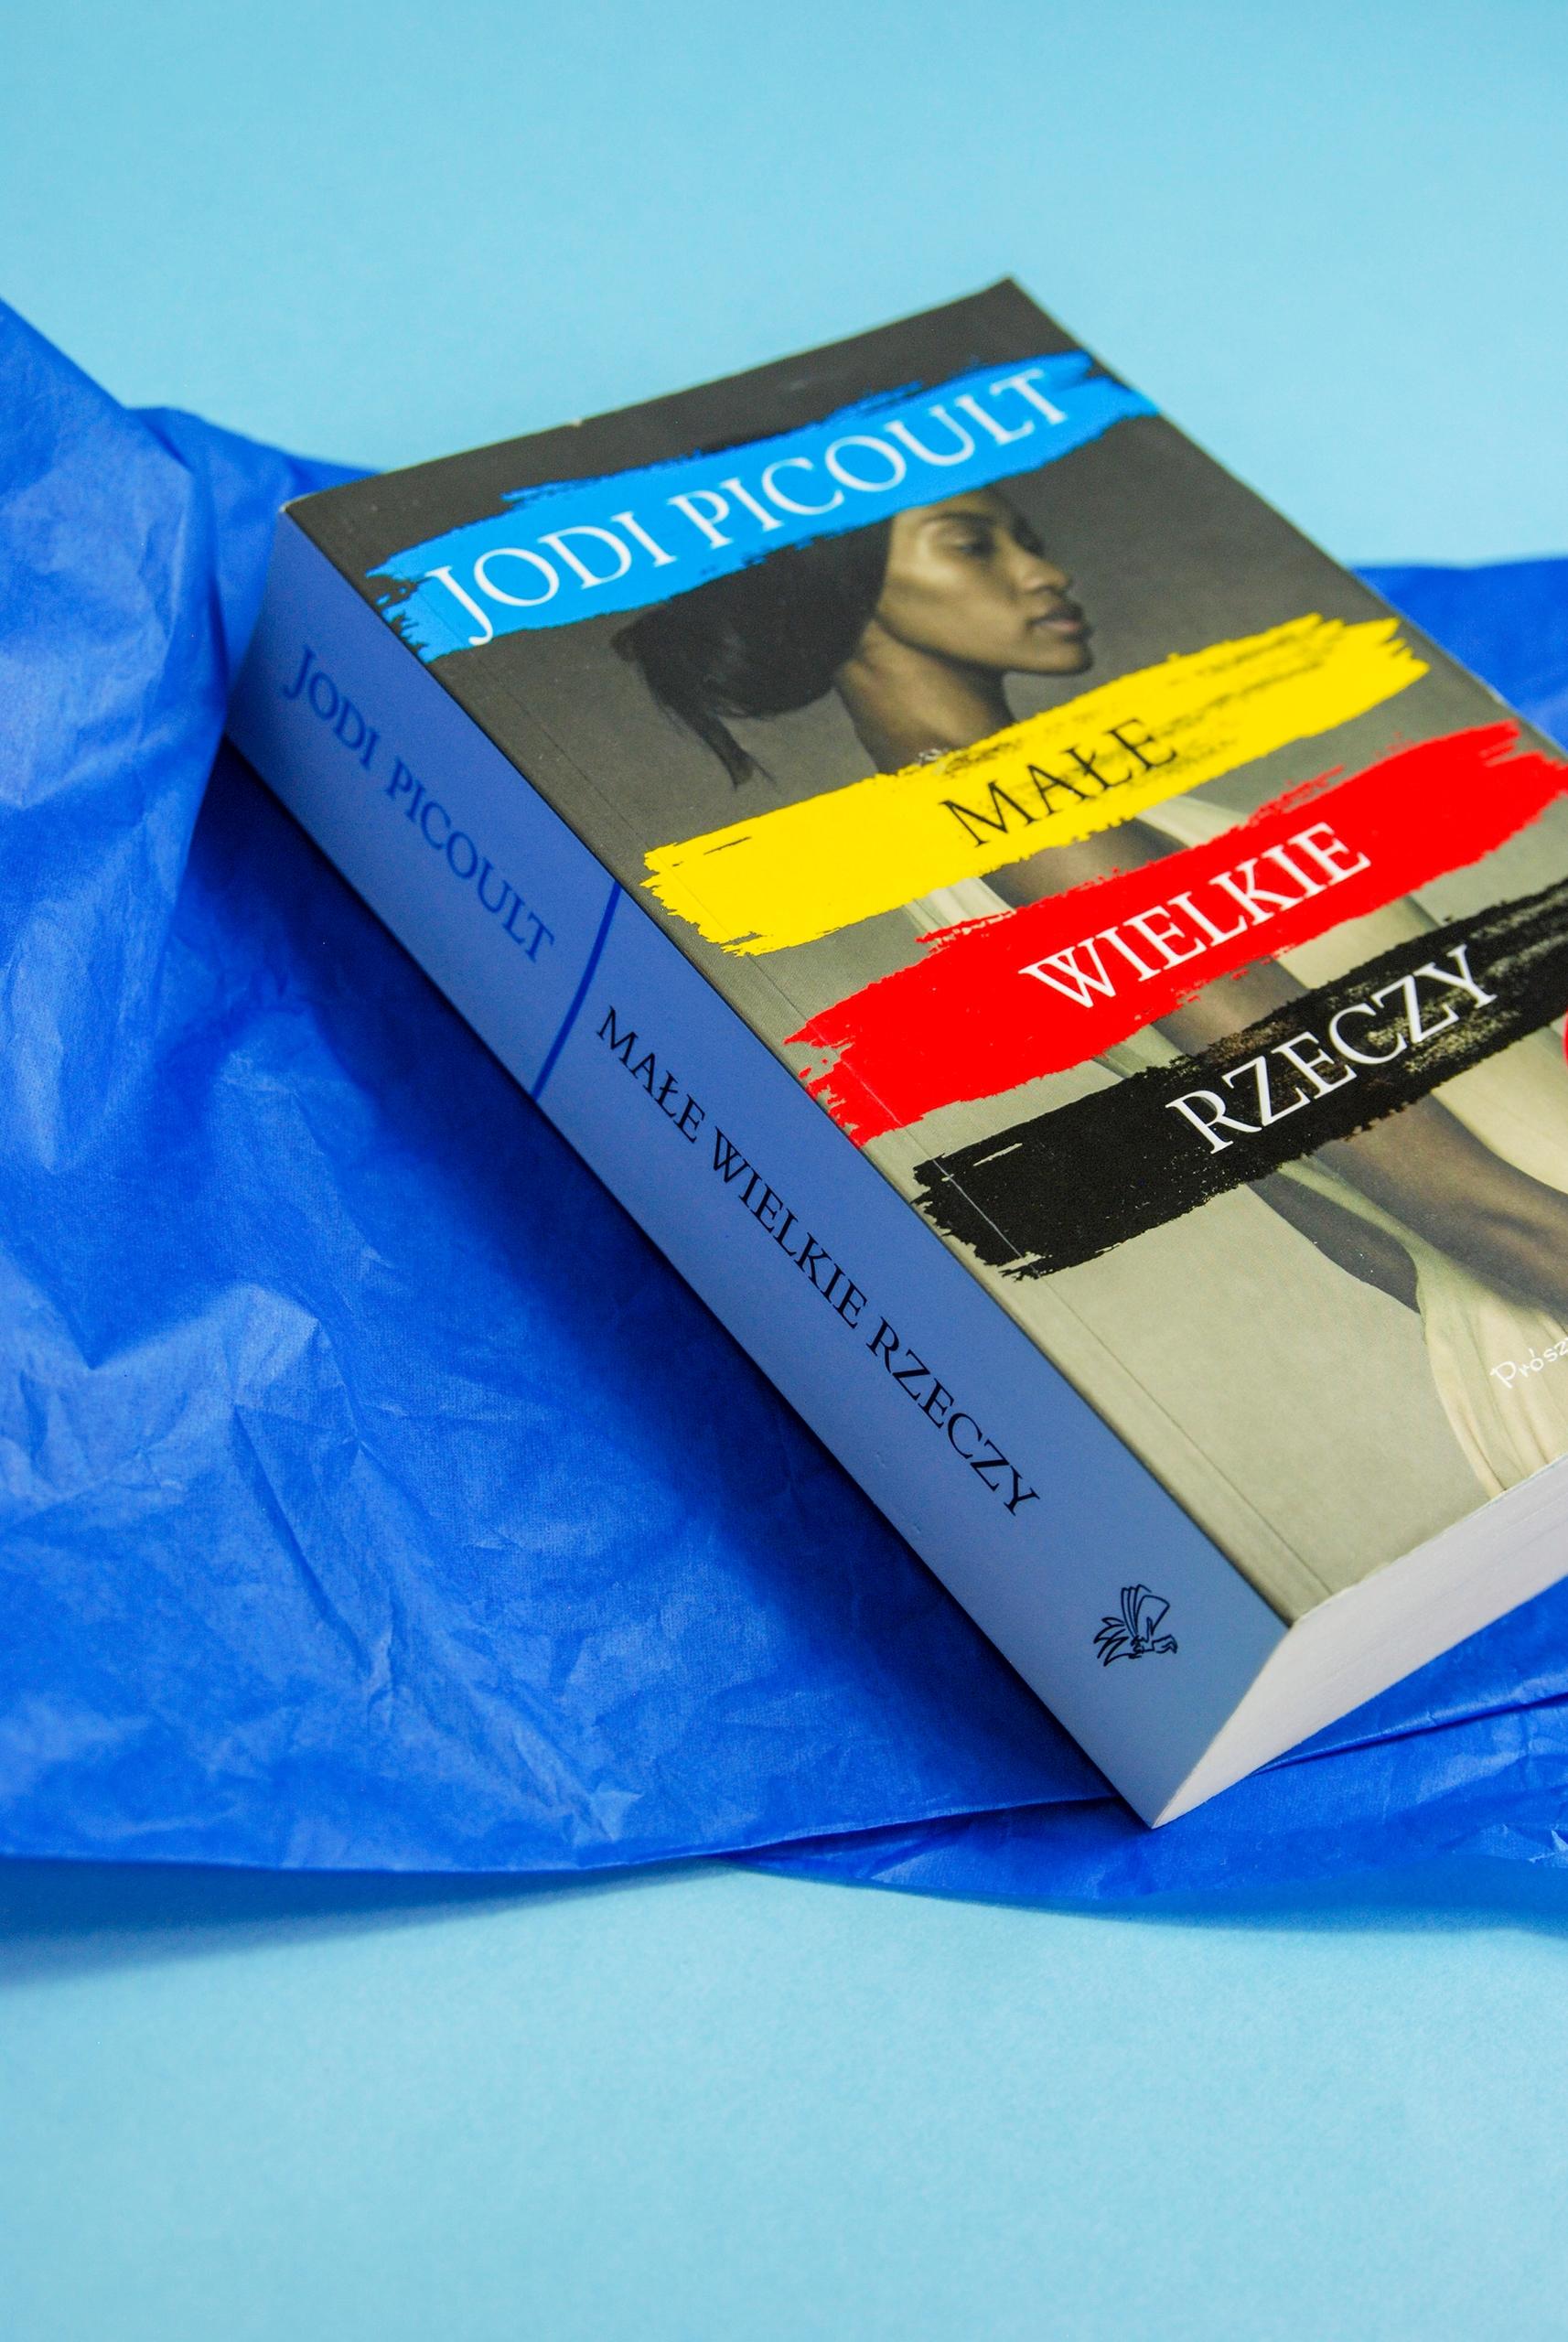 Zdjęcie przedstawia książkę leżącą na niebieskim papierze.